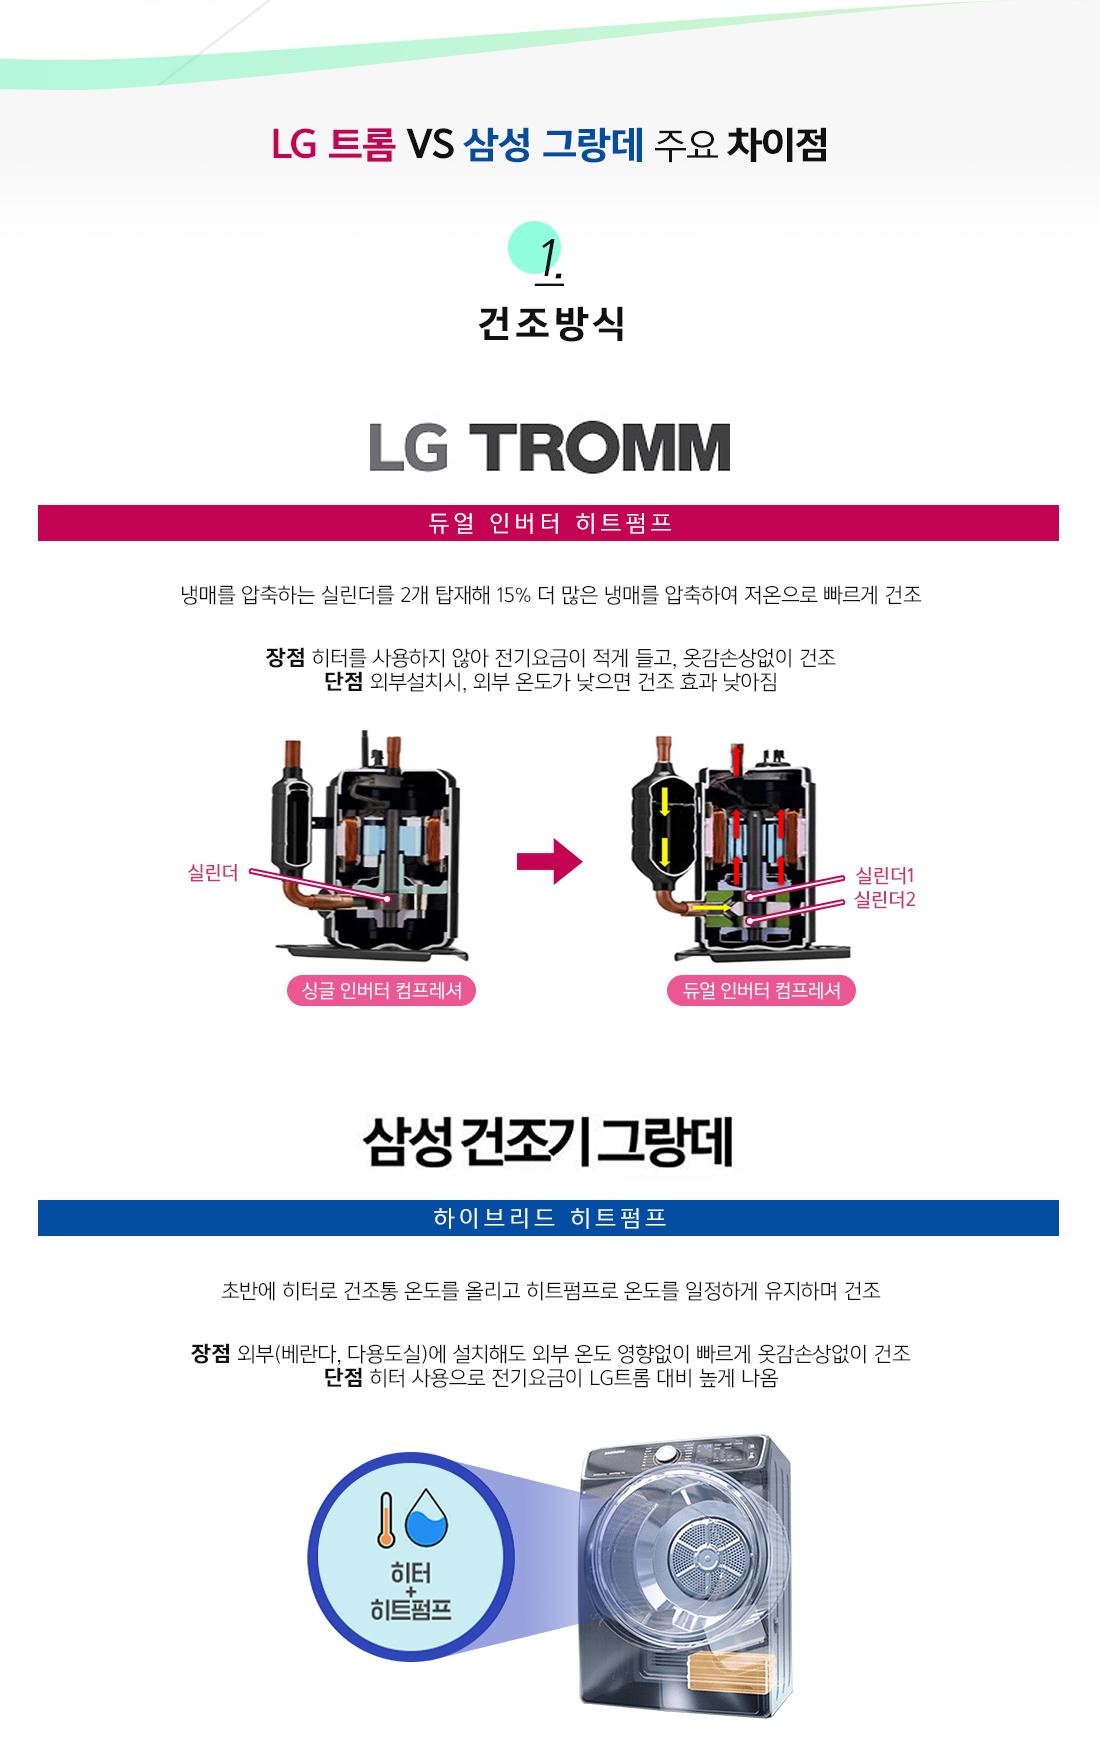 LG 트롬 VS 삼성 그랑데 주요 차이점